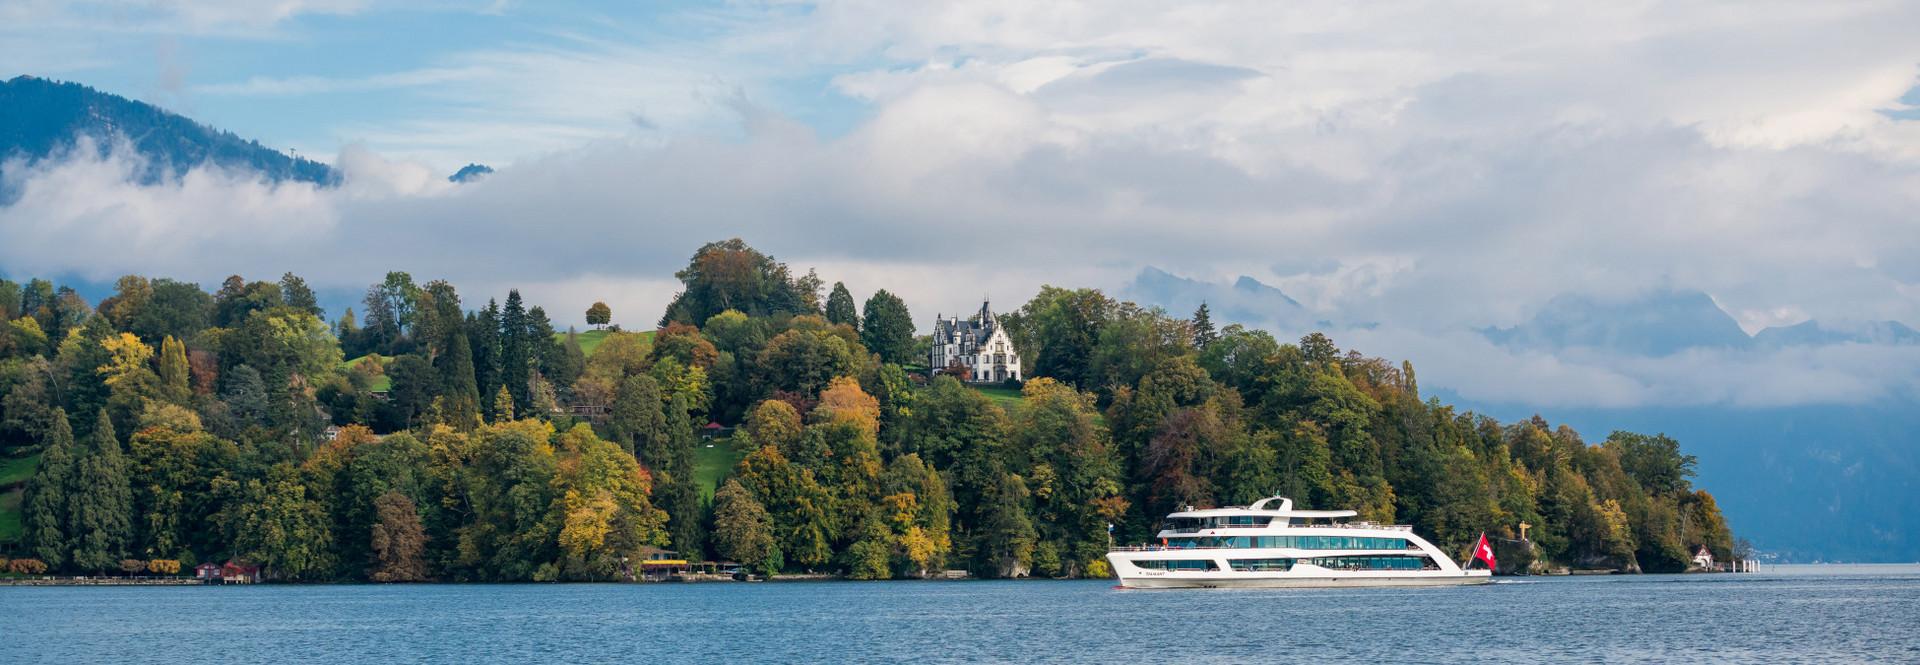 Motorschiff Diamant fährt beim Schloss Meggenhorn vorbei.